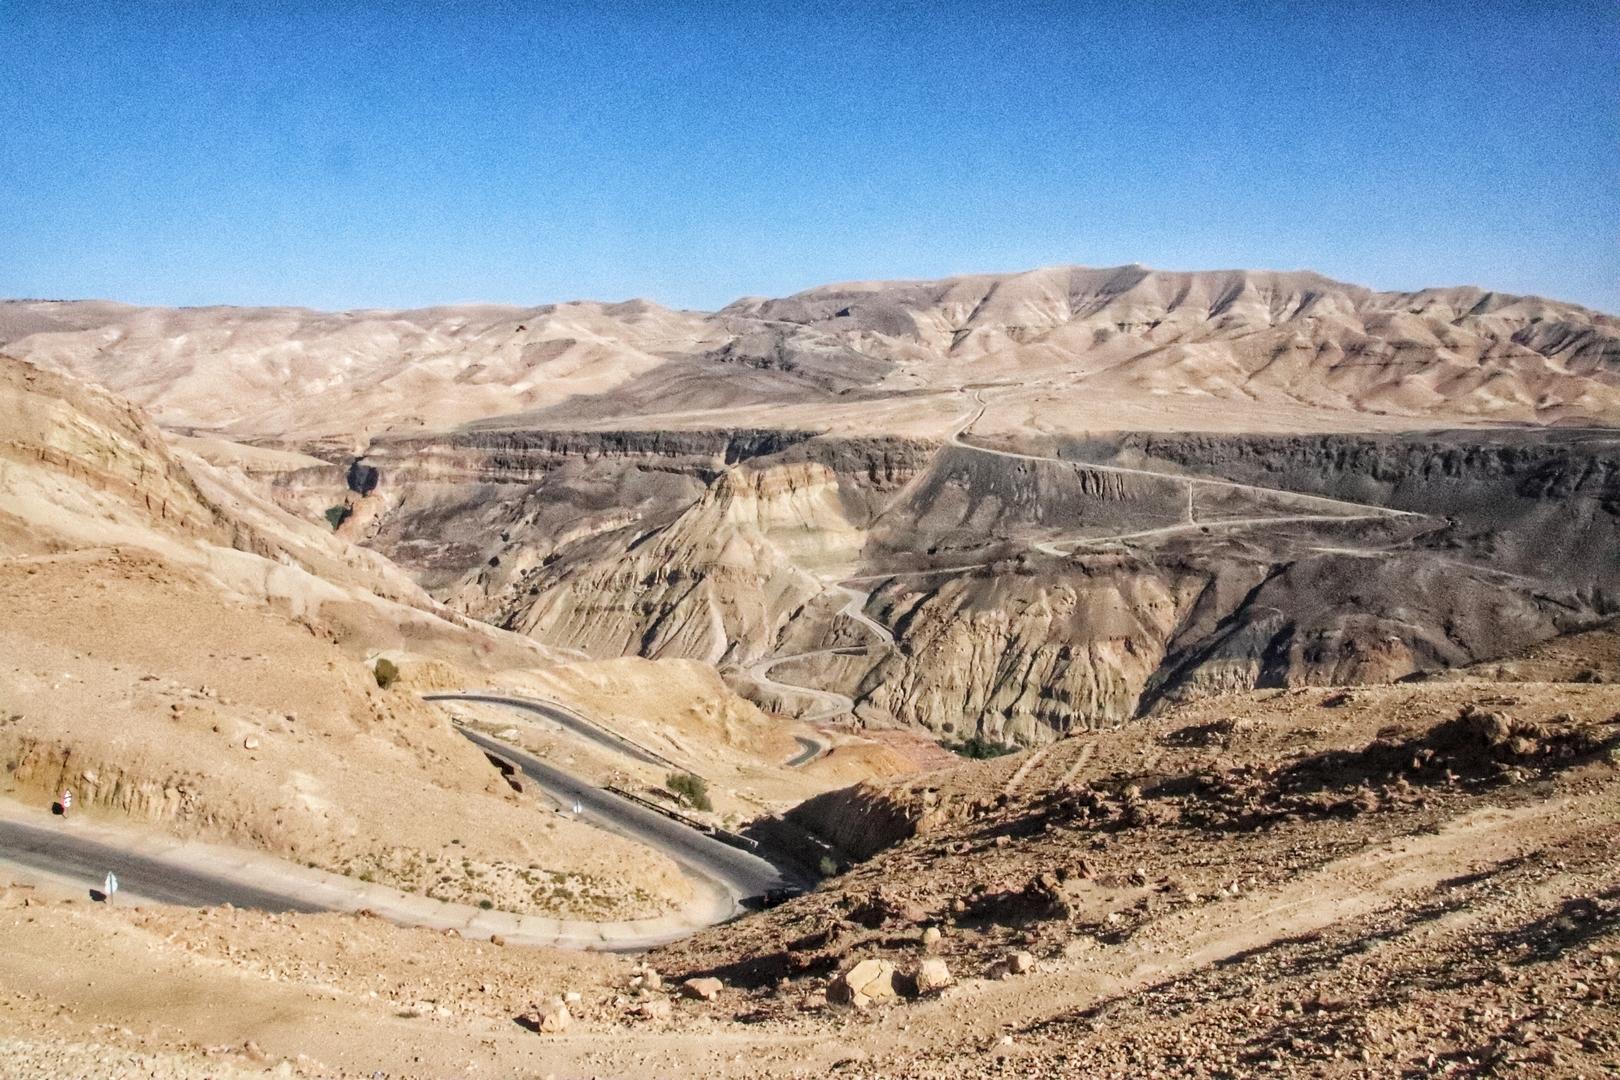 Jordanie - Route d'accès aux chutes d'eau chaude de Ma'In hotsprings